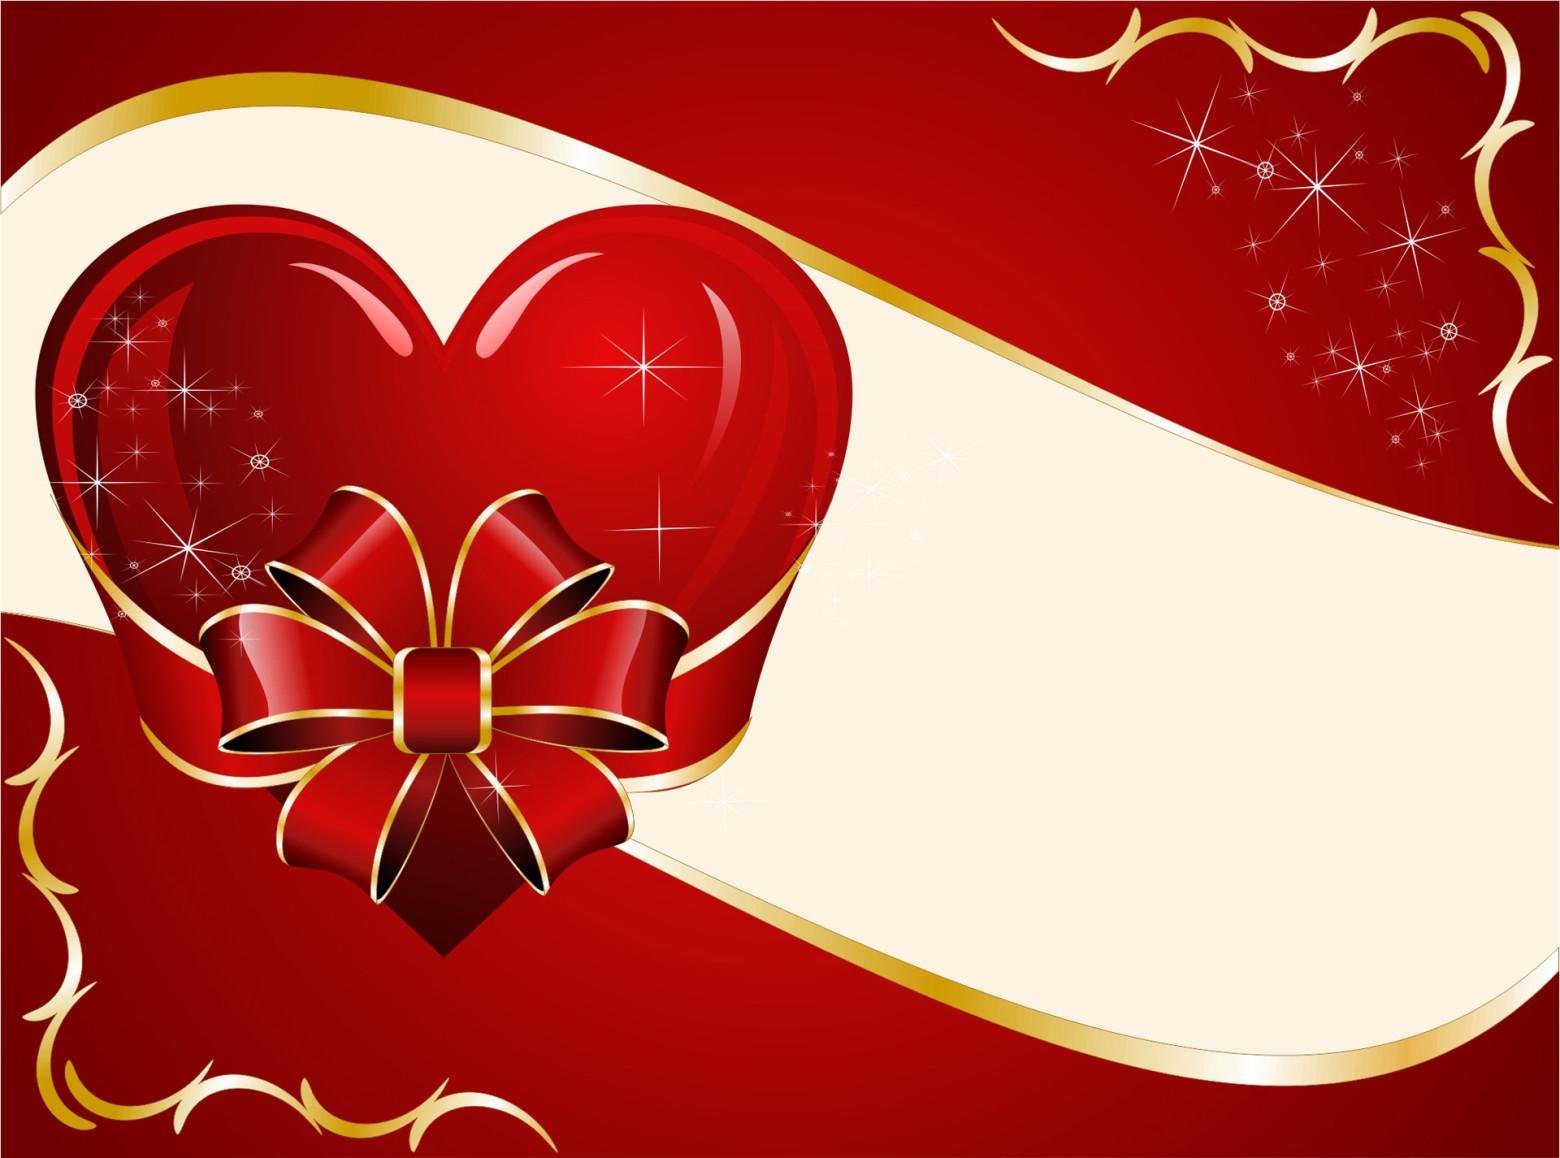 Carte de voeux coeur amour saint valentin images gratuites et libres de droits - Images coeur gratuites ...